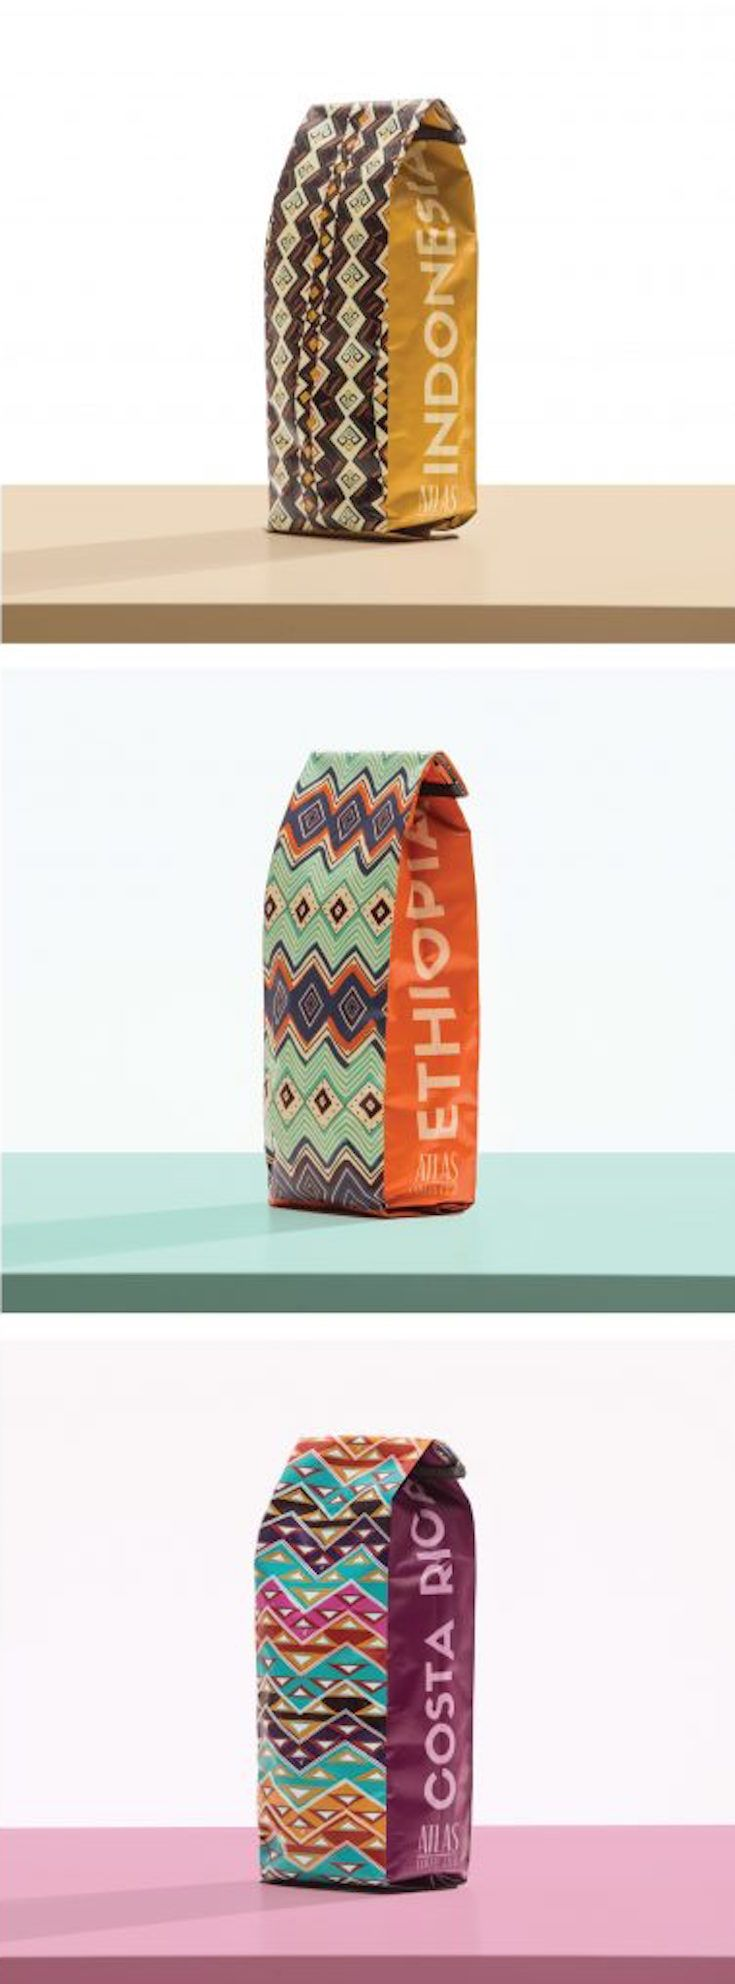 Atlas Coffee Club coffee packaging design